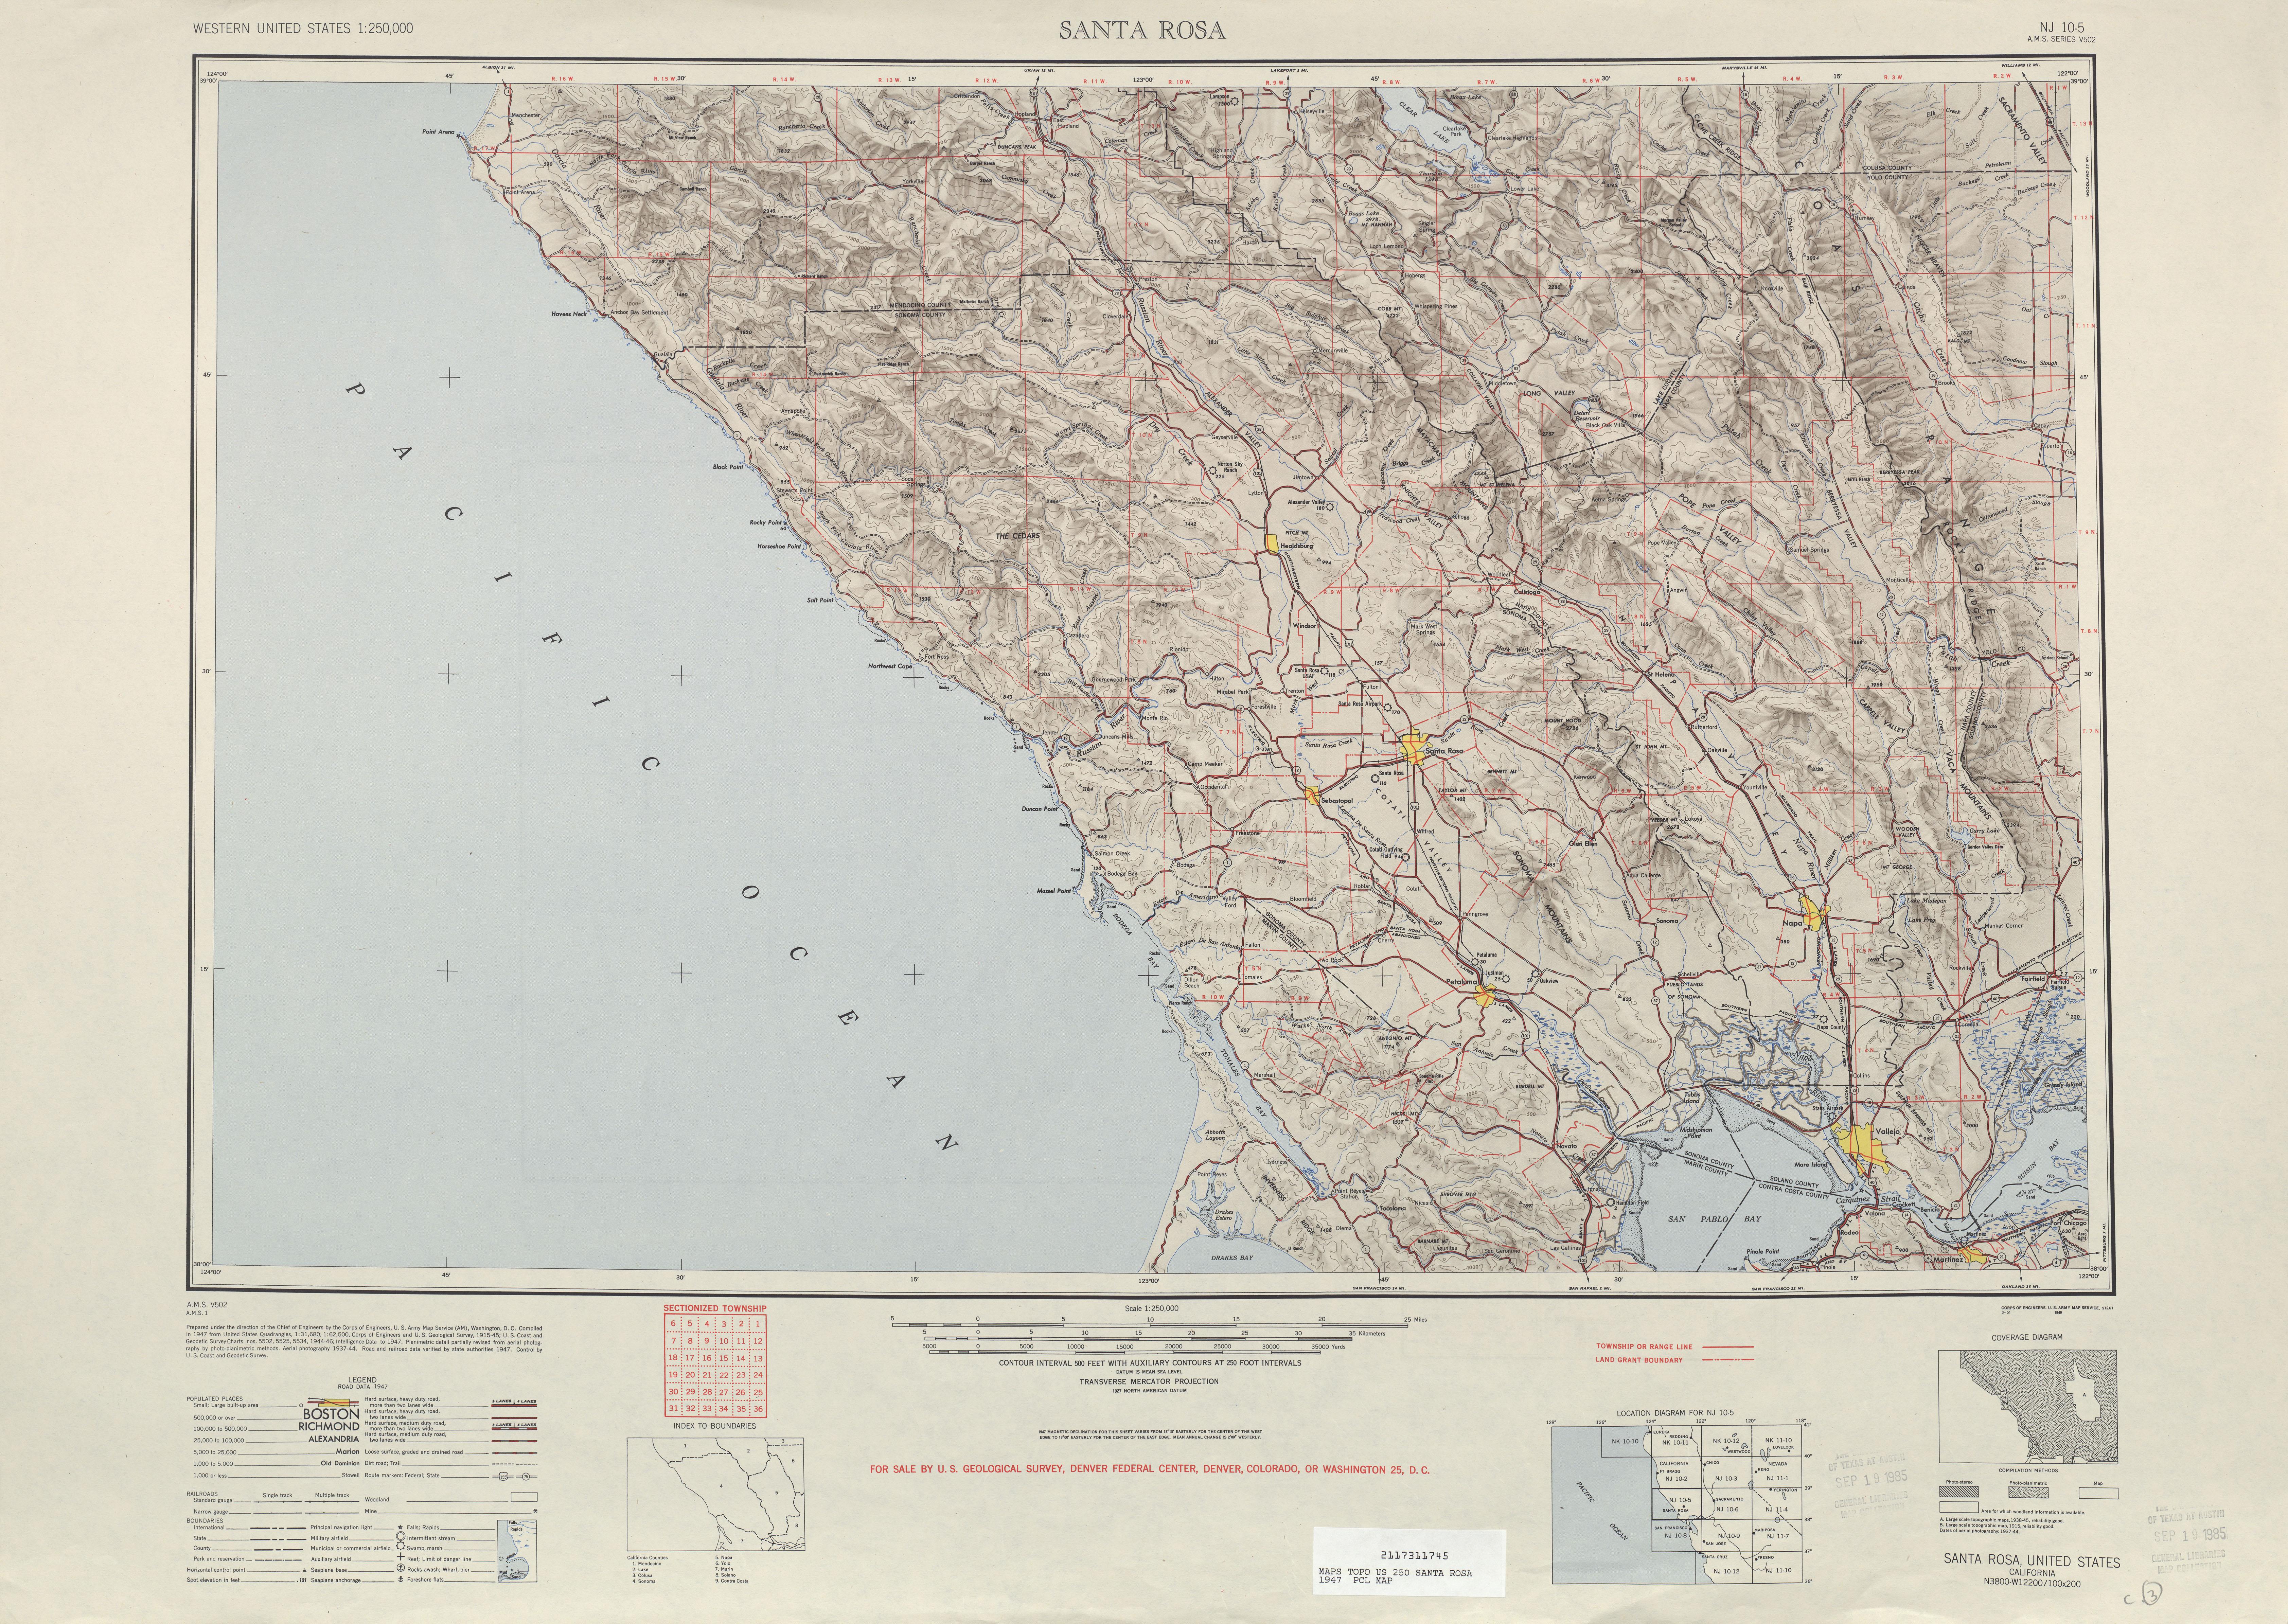 Hoja Santa Rosa del Mapa Topográfico de los Estados Unidos 1947